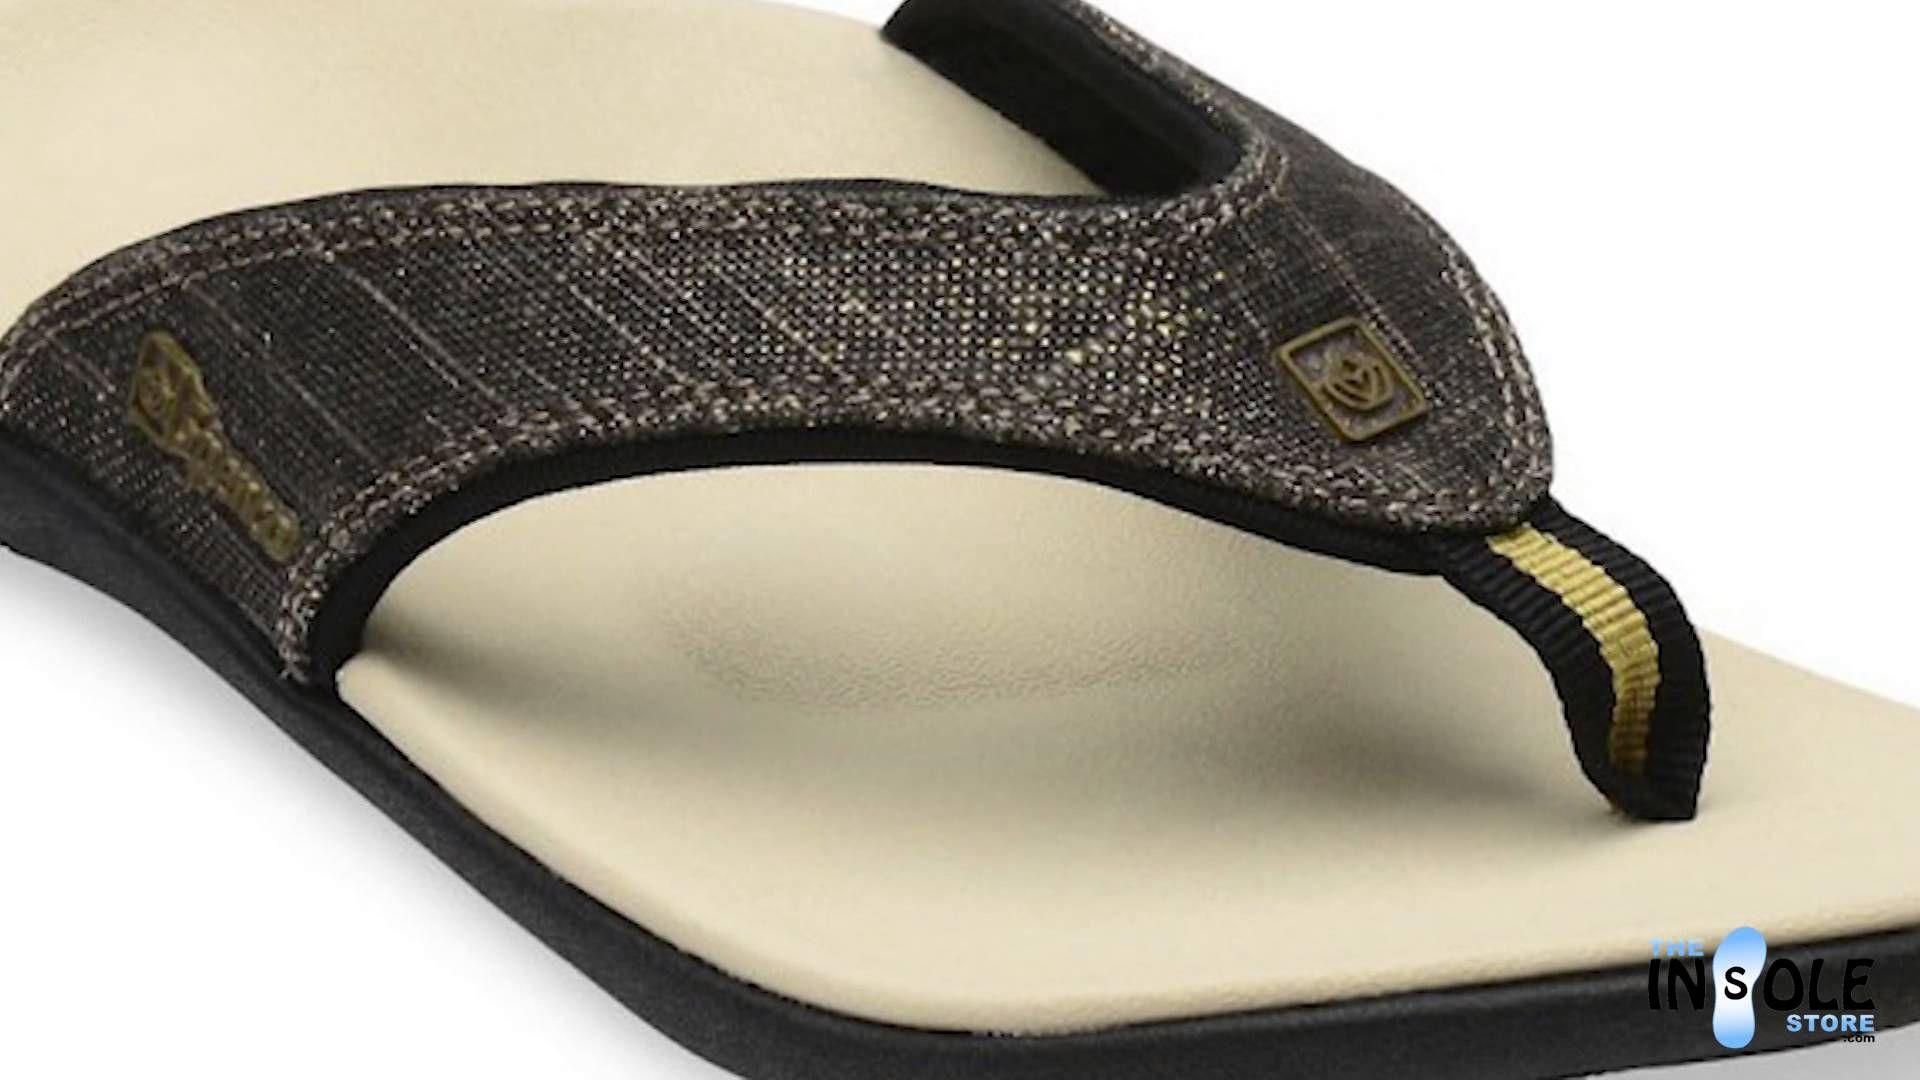 b22a7c5e011 Spenco Black Gold Yumi Canvas Sandals for Women  TheInsoleStore.com ...